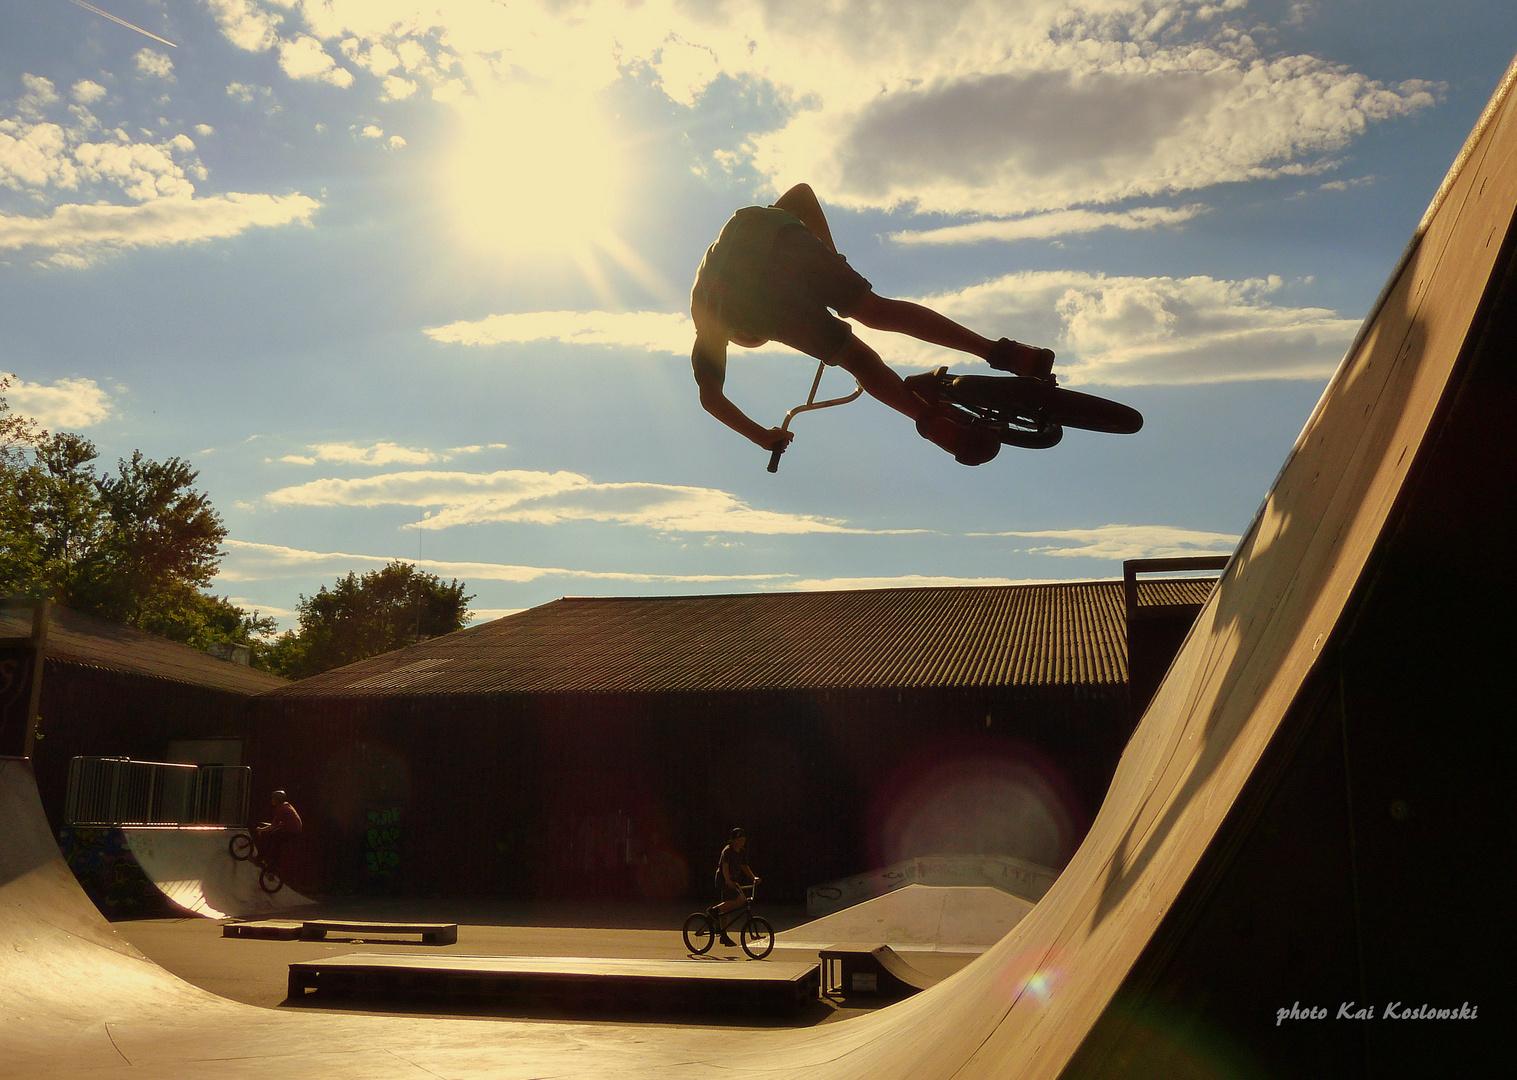 - BMX Air springen -